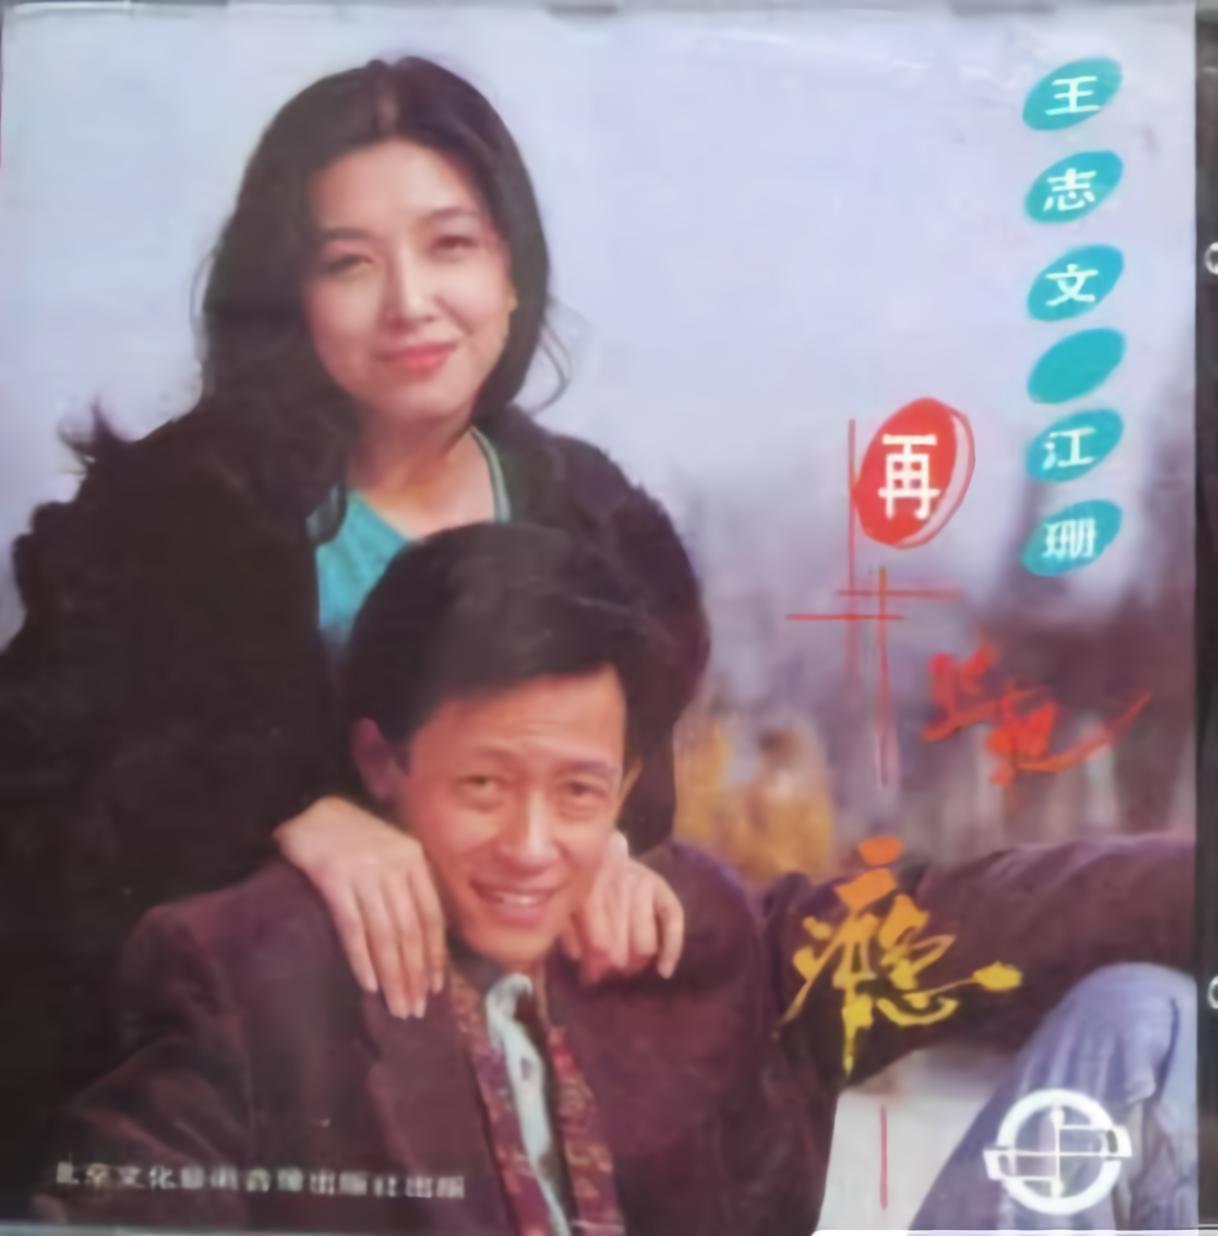 """王志文的逆袭,从草根到享尽人间""""艳福"""",他凭什么能功成身退?"""